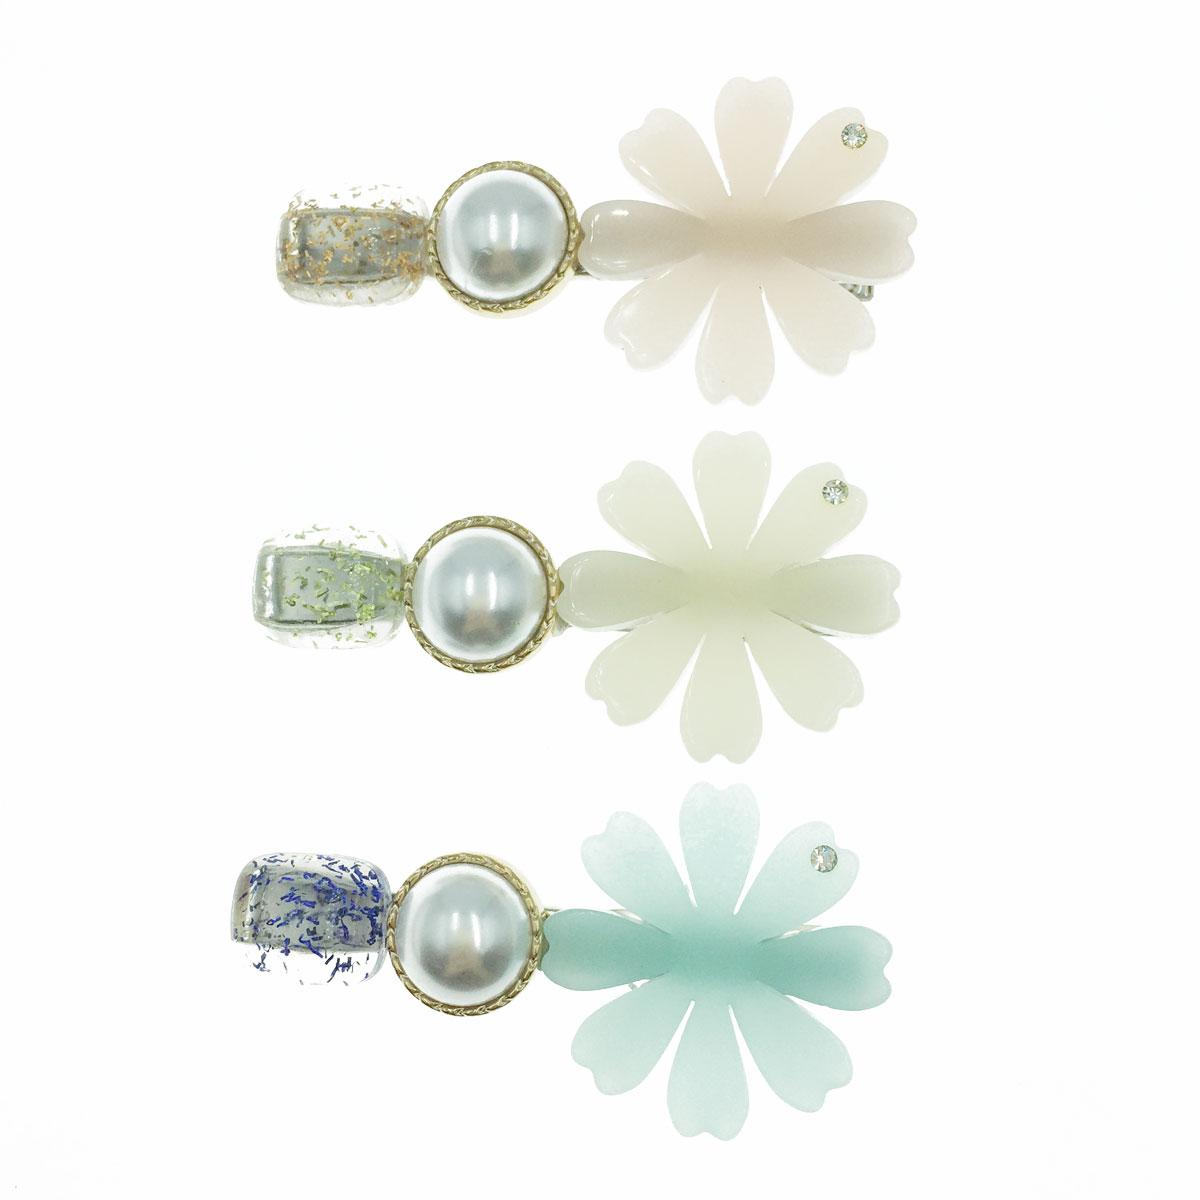 韓國 水鑽 花瓣 金屬 珍珠 三色 壓夾 髮飾